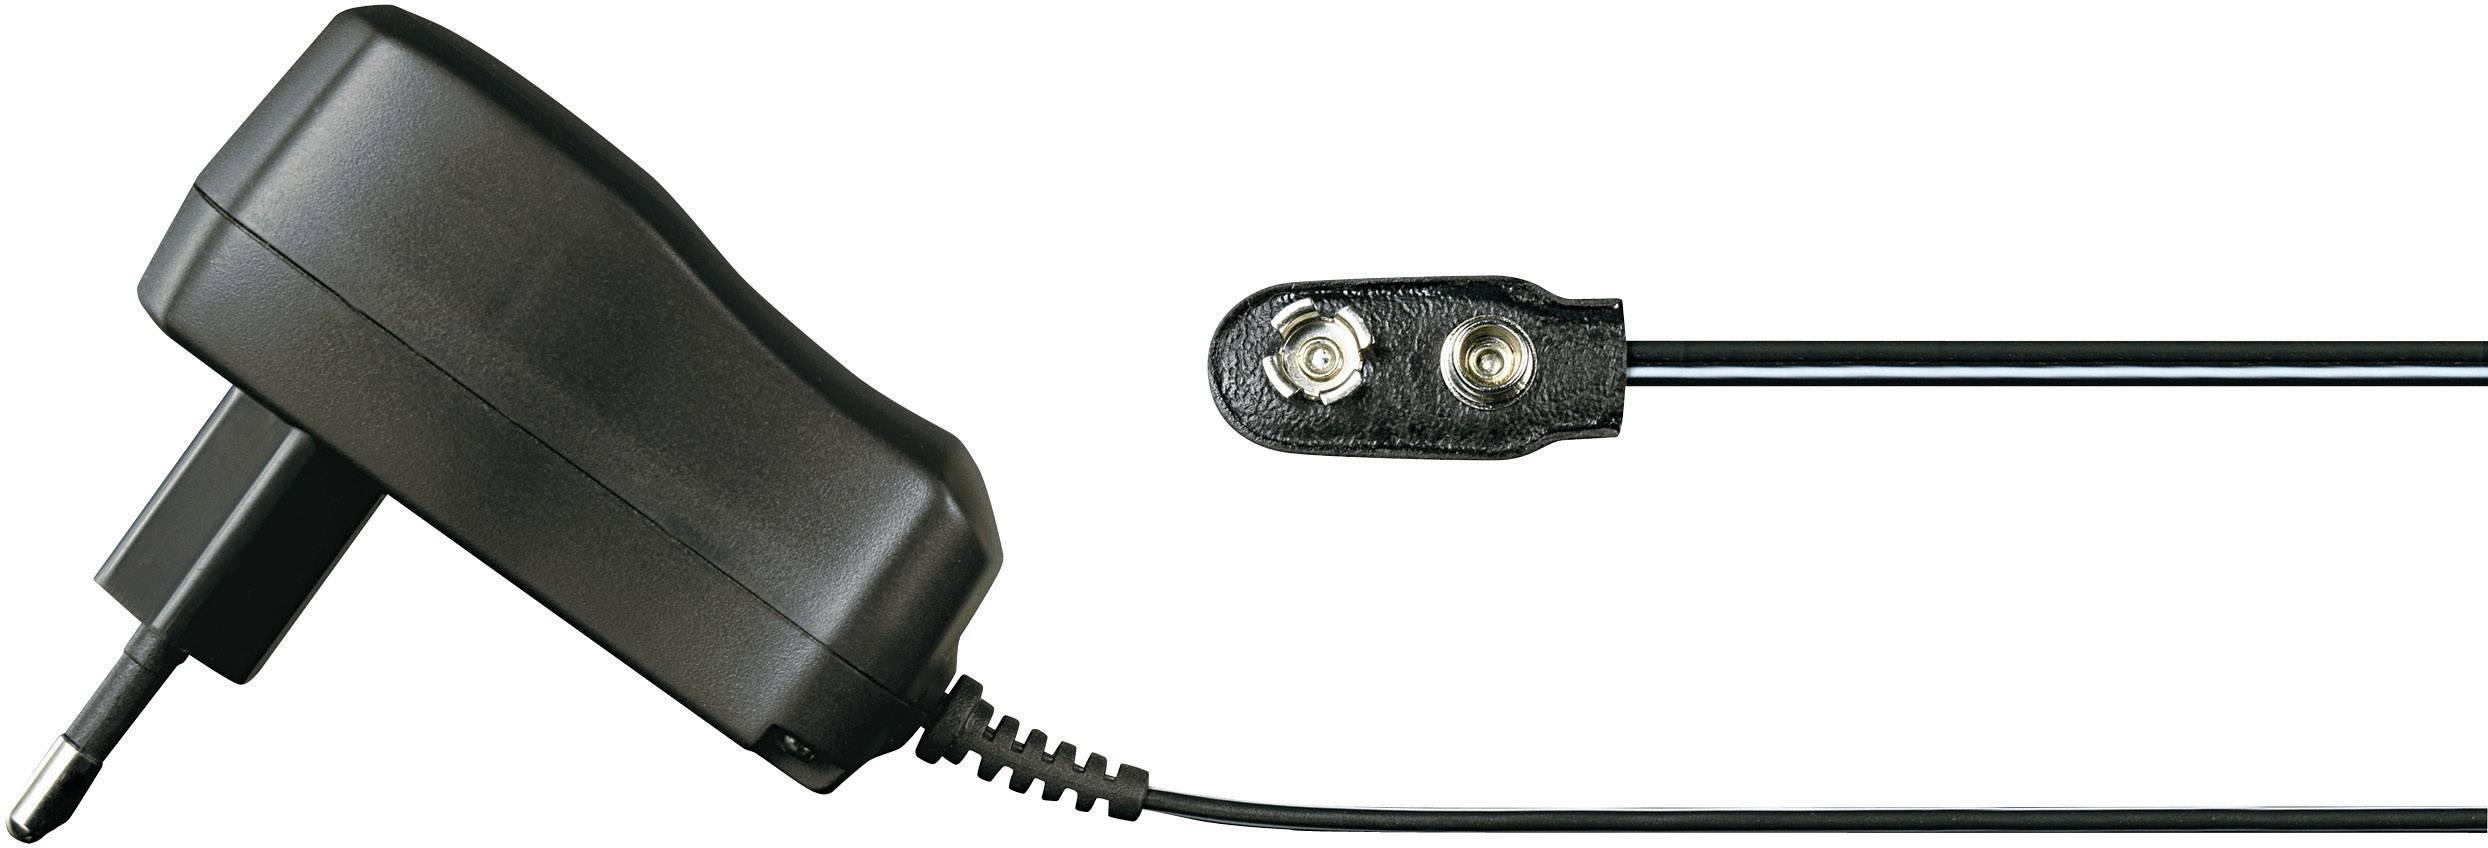 Zásuvkový adaptér so stálym napätím VOLTCRAFT FPPS 9-3.6W-CL, 3.6 W, 400 mA